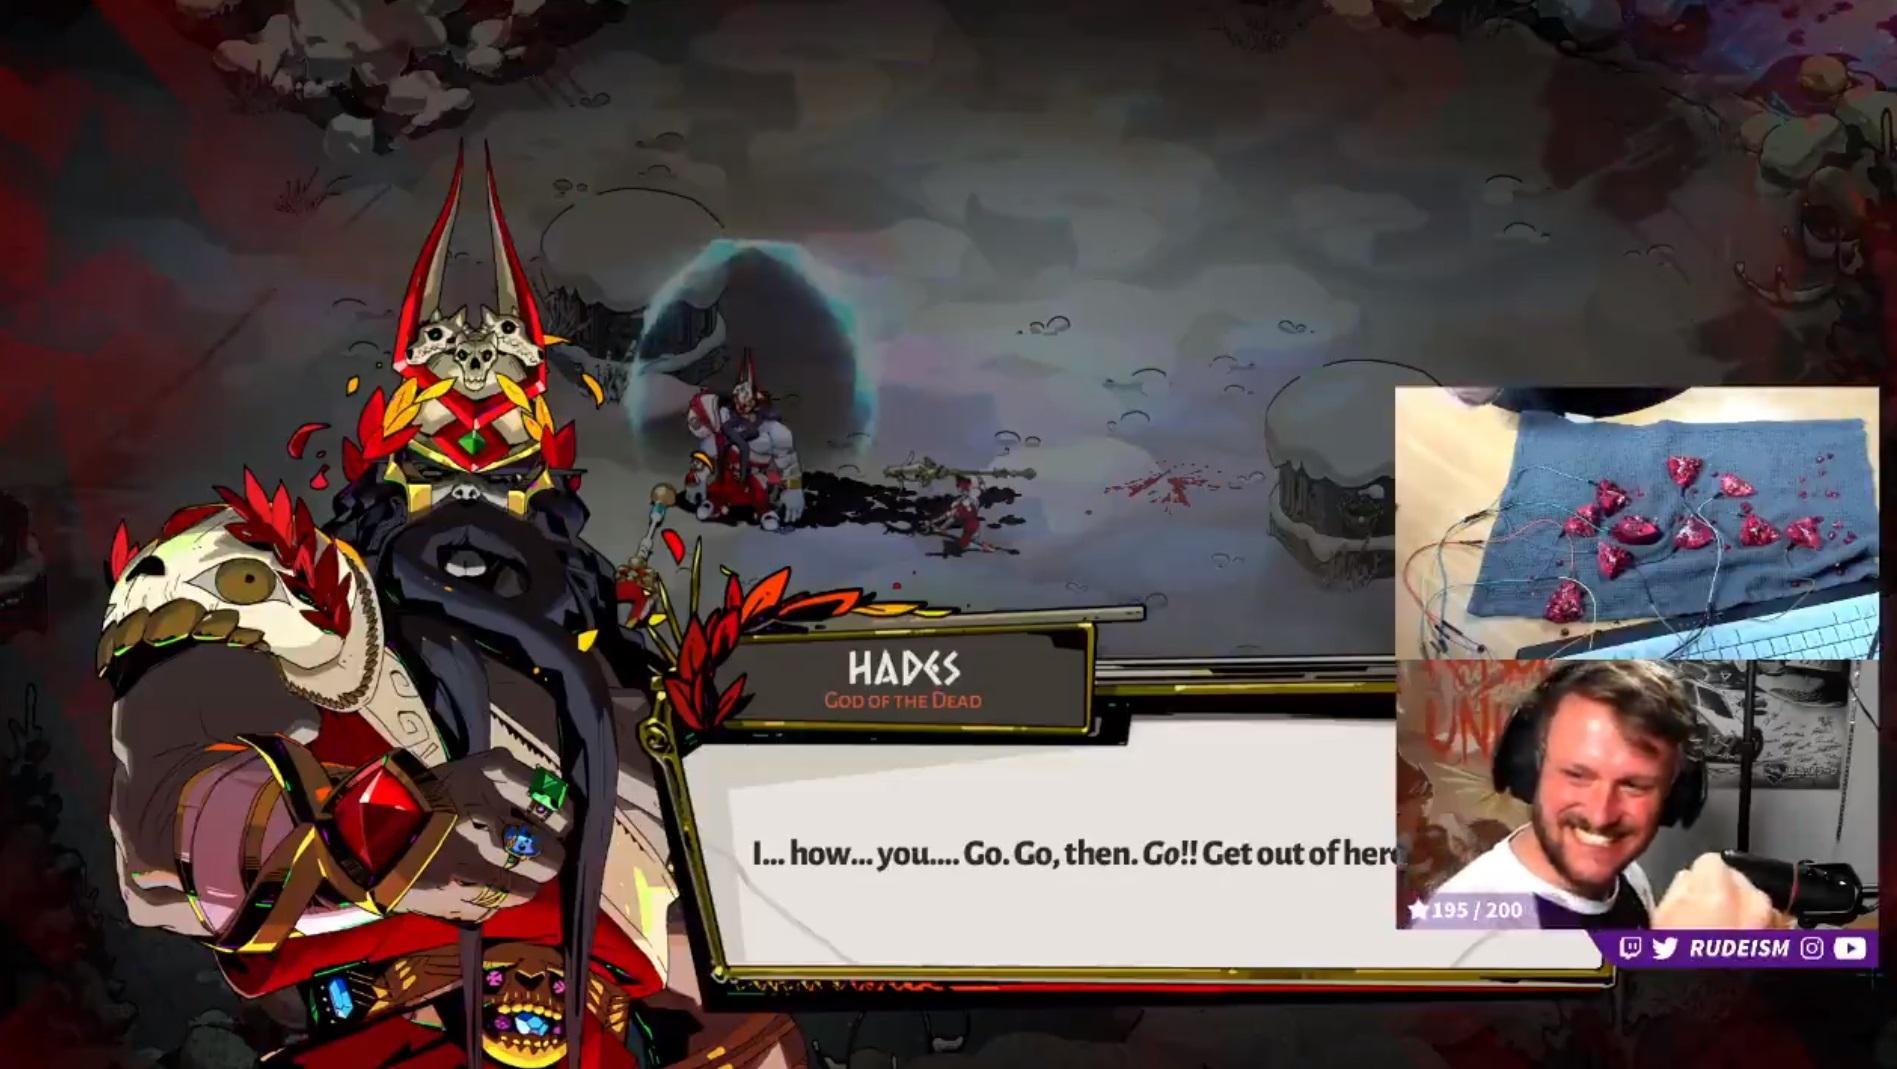 Hades всё-таки покорилась игроку, использовавшему гранат в качестве геймпада